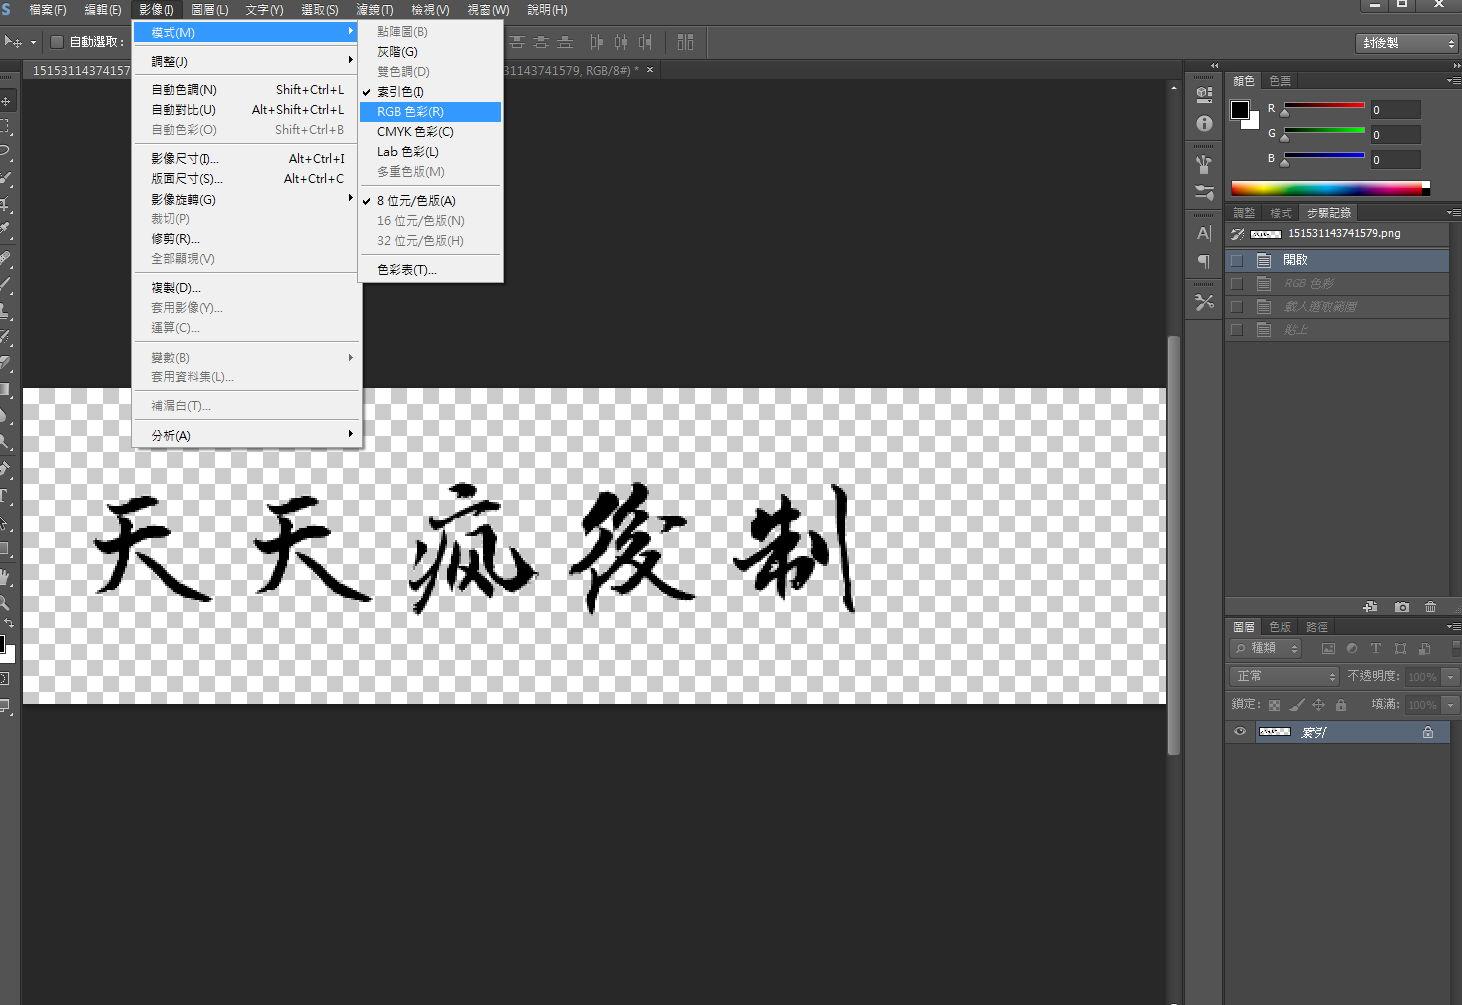 【毛笔字体】线上毛笔字体产生器,免费转换出繁体毛笔字型